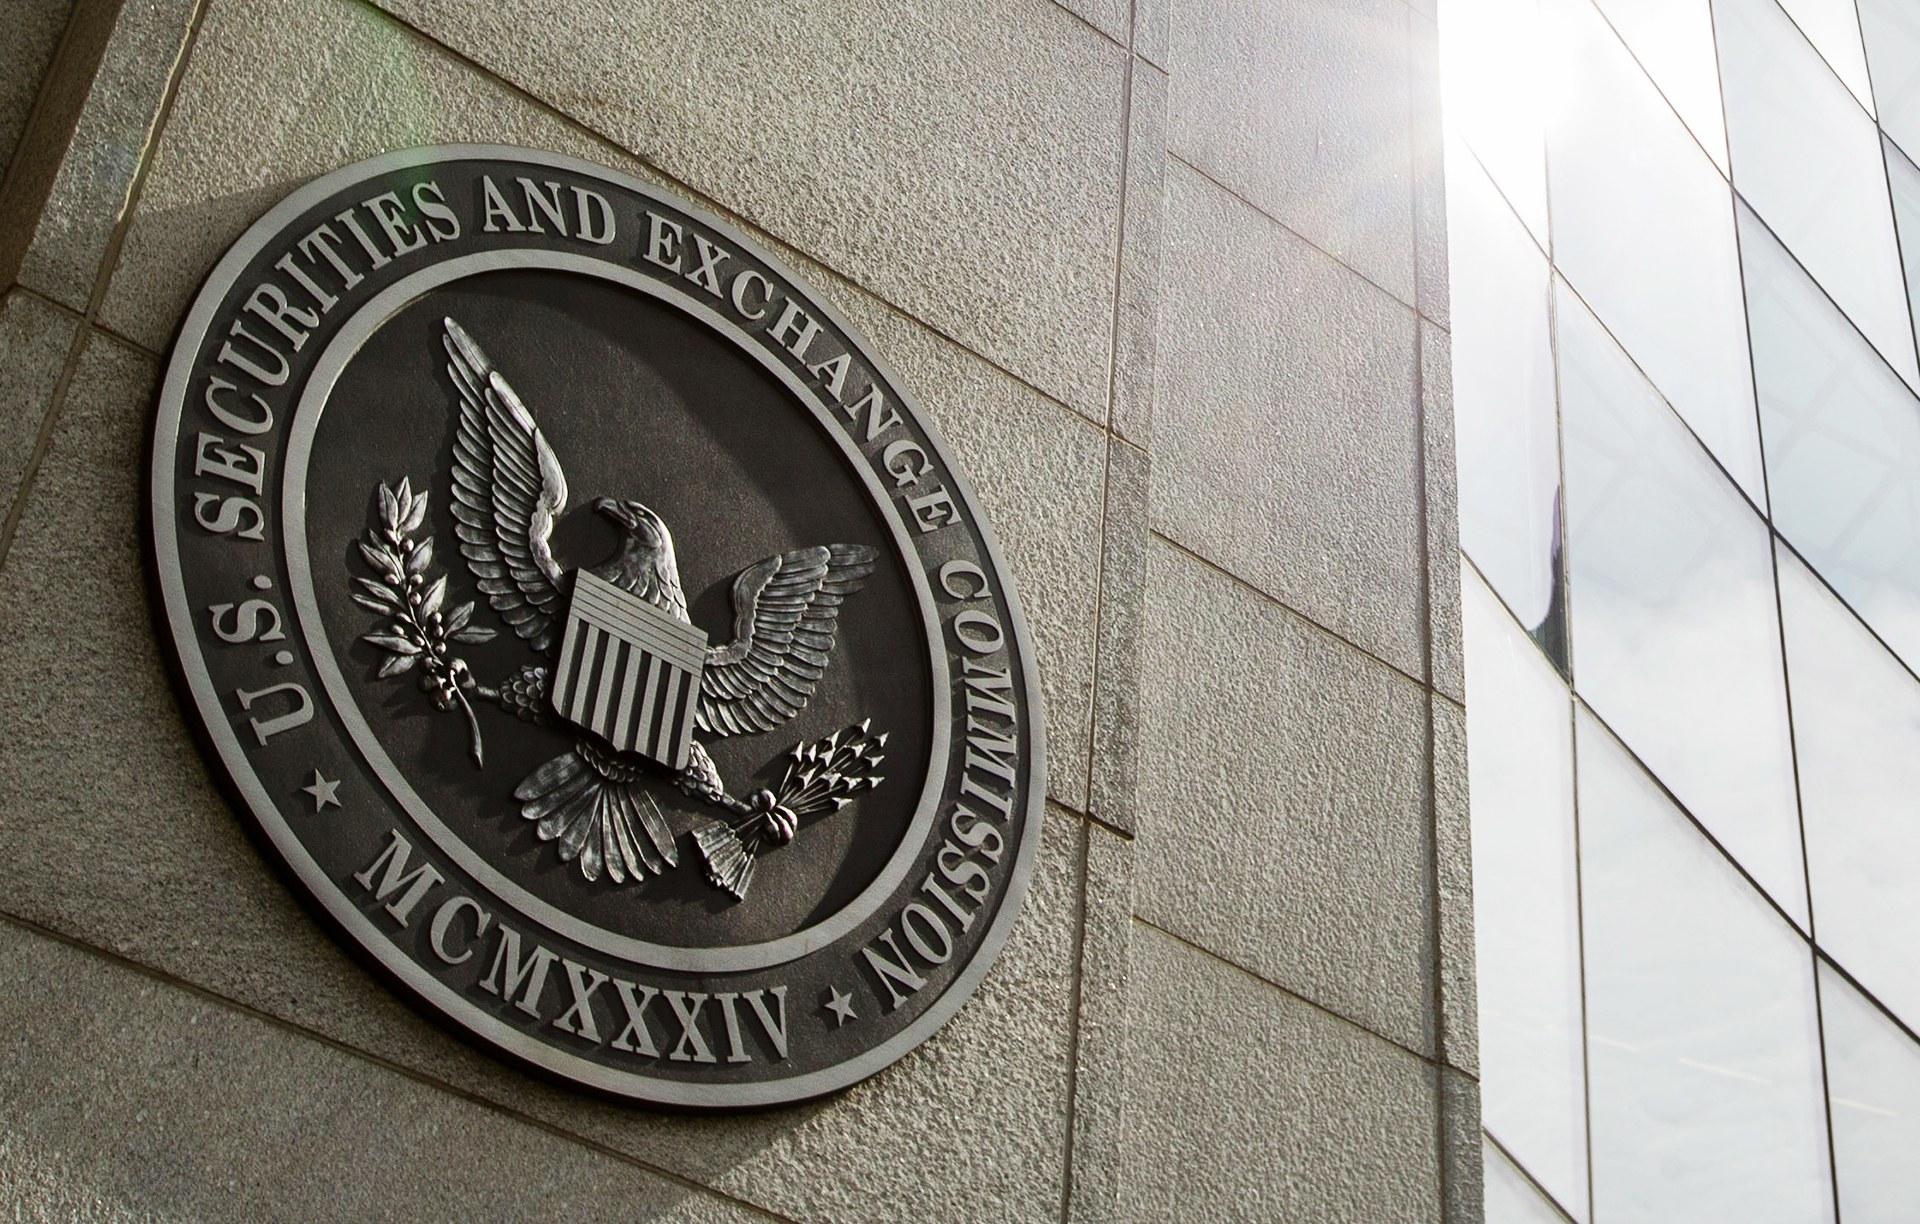 بيان تحذير هيئة الأوراق المالية والبورصات الأمريكية بشأن منصات